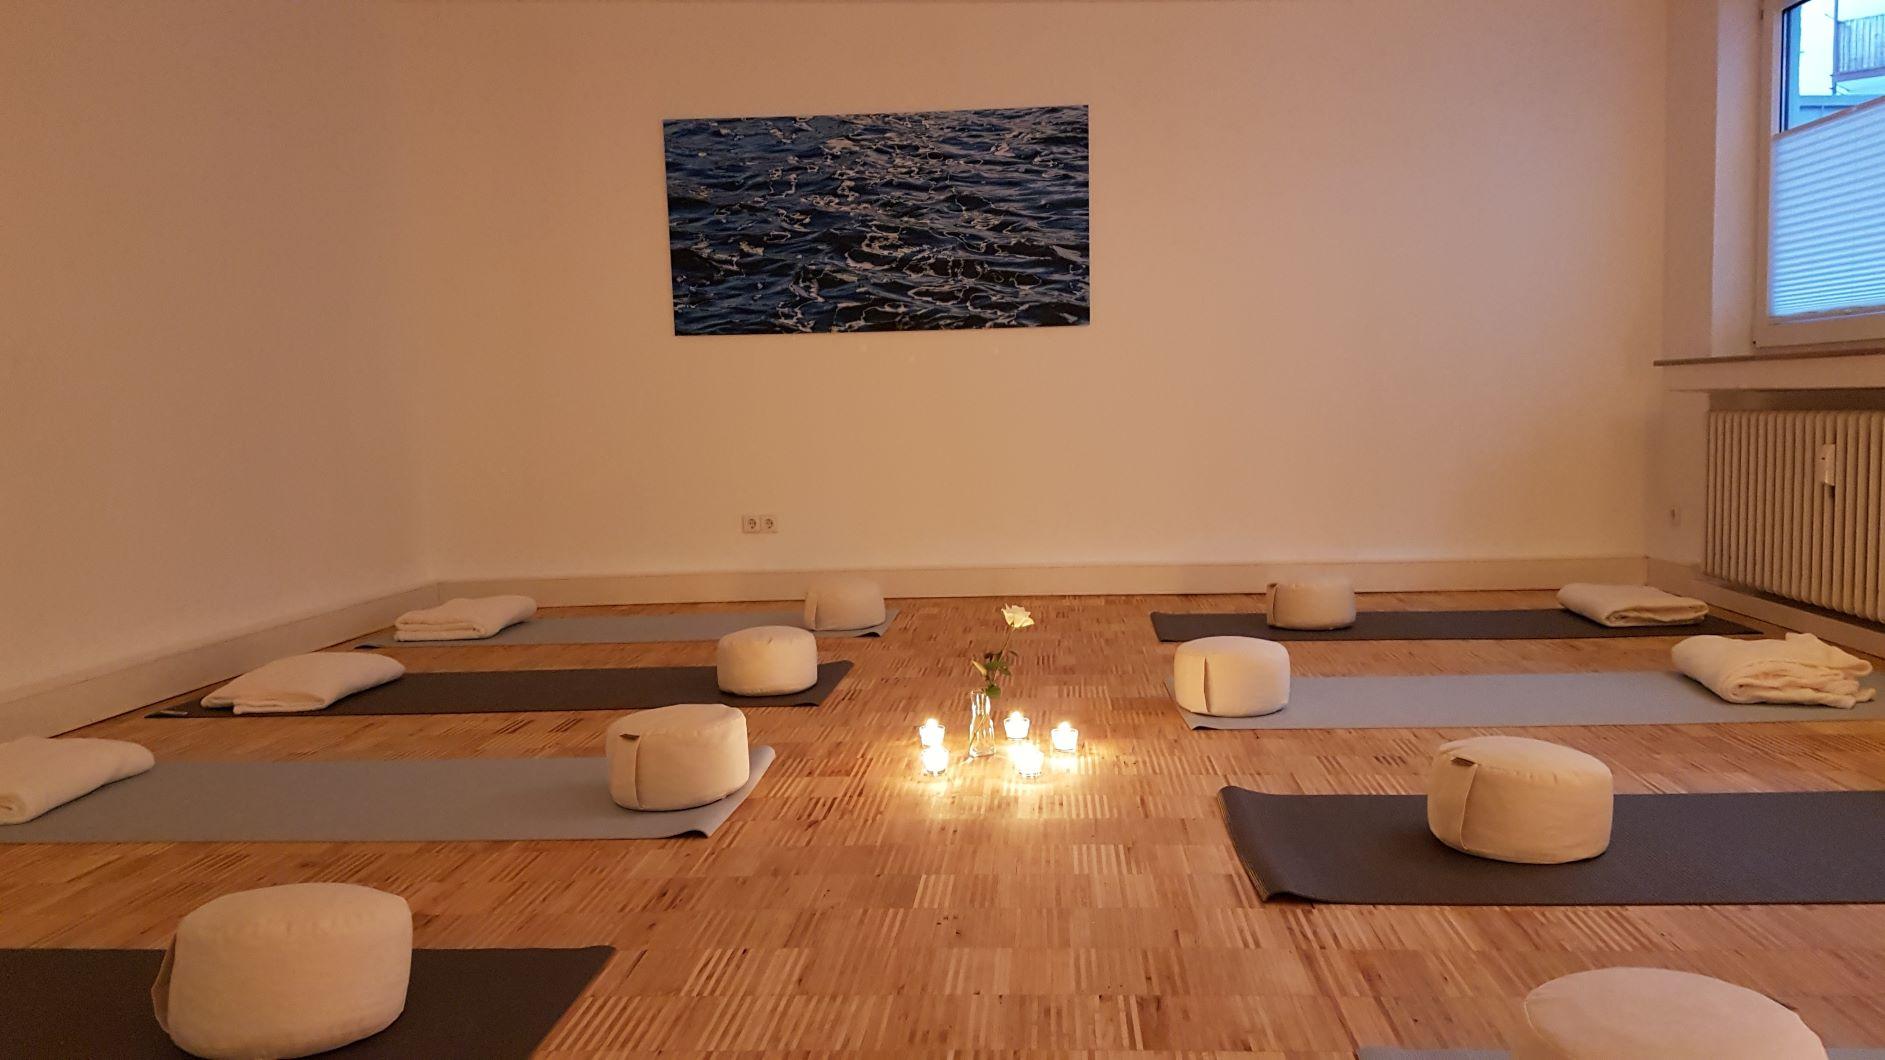 Raum am Fluss – Raum Yoga MBSR